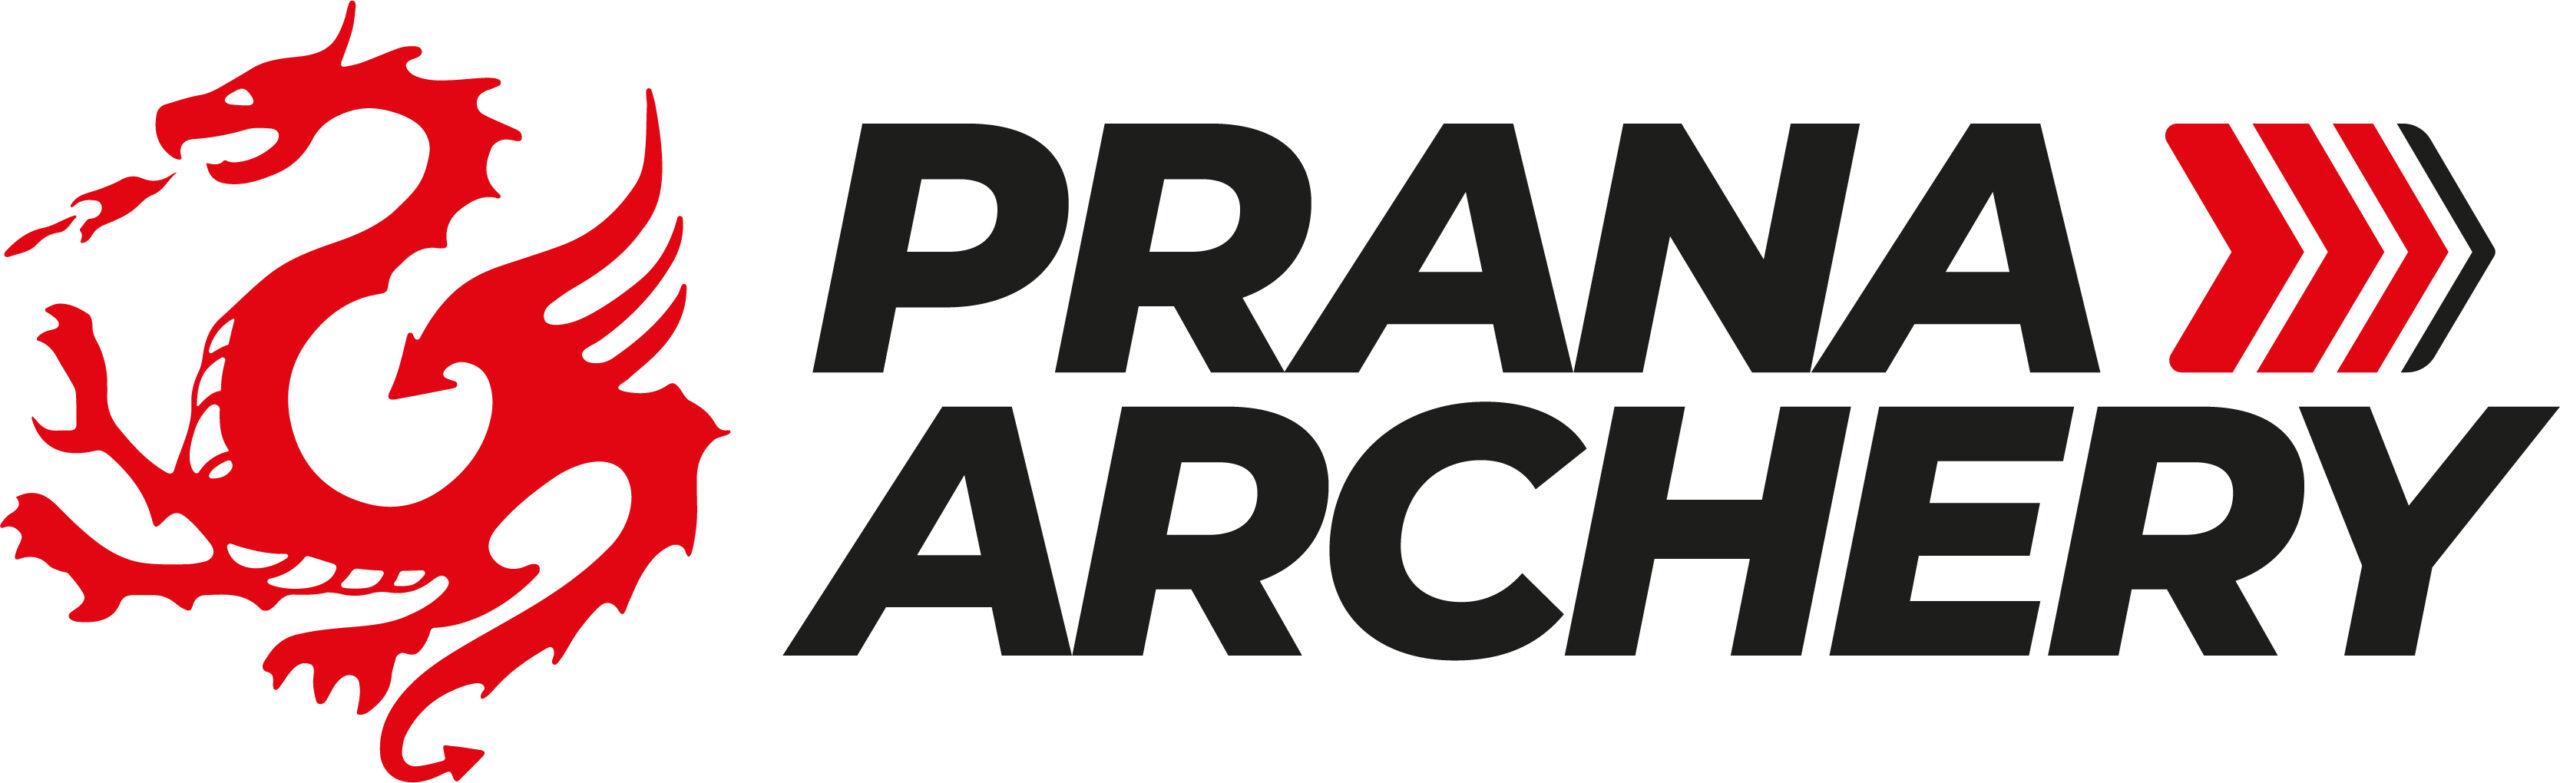 Prana Archery